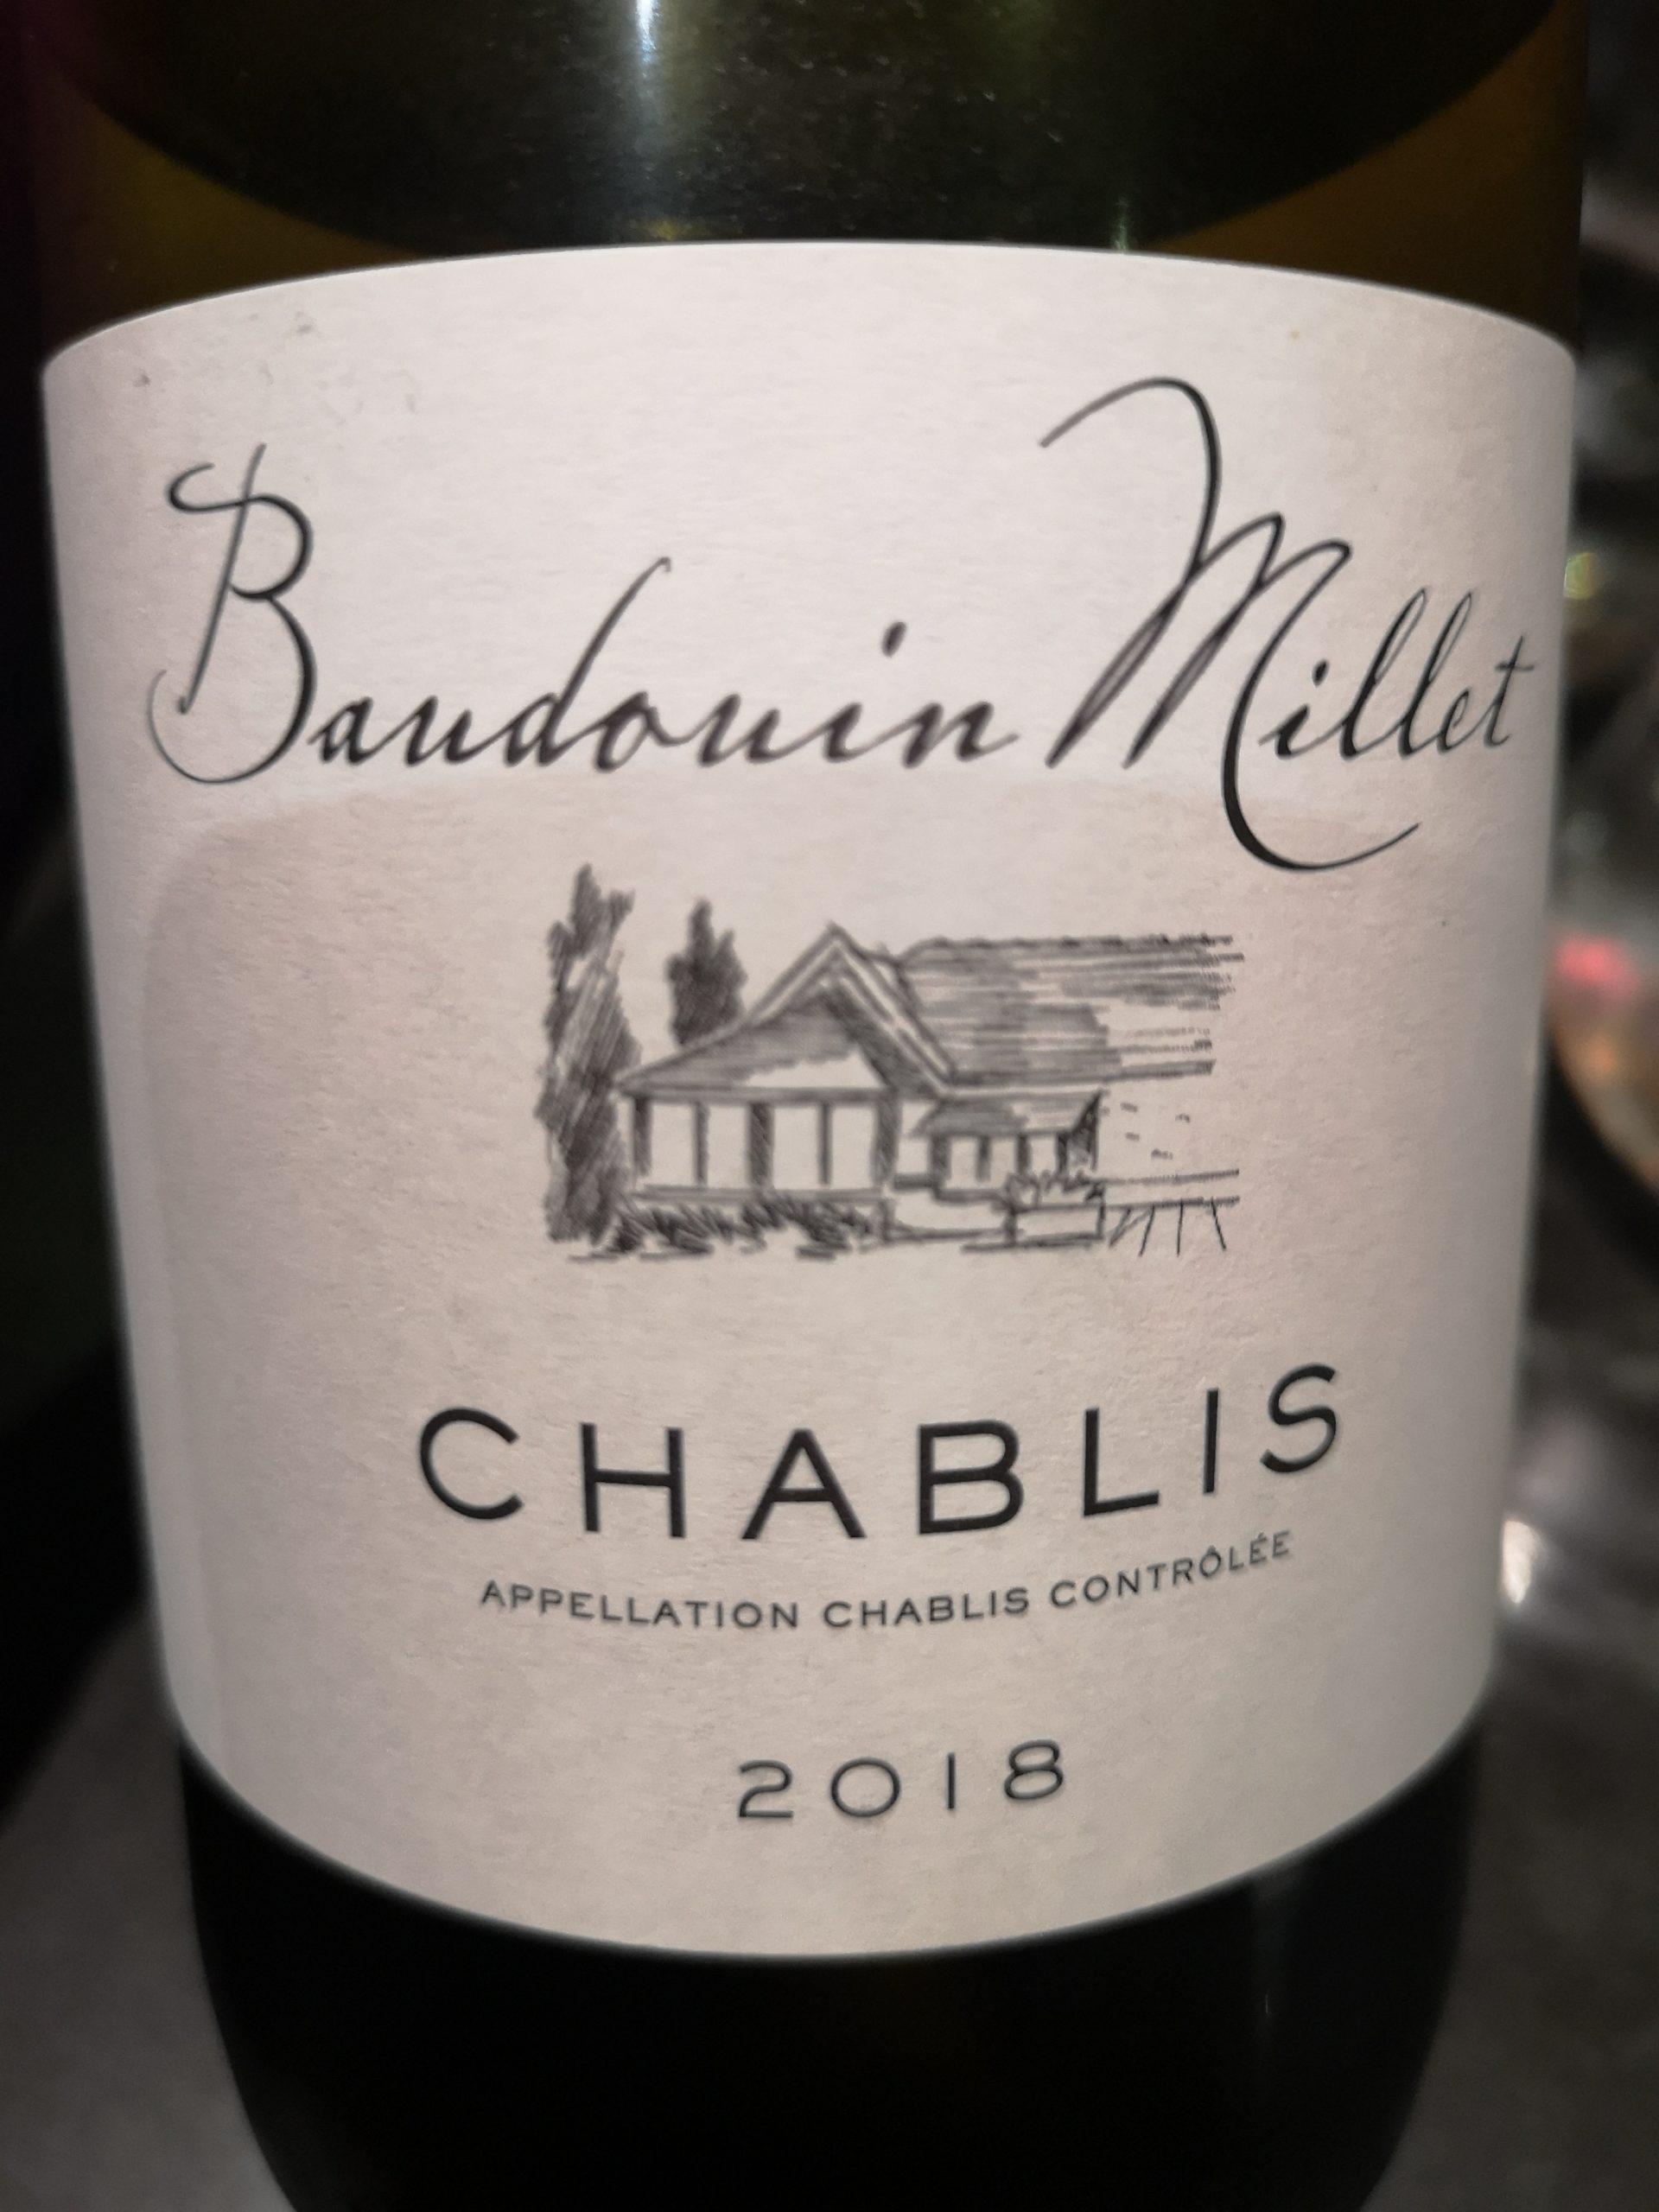 2018 Chablis Baudouin Millet | Domaine Millet